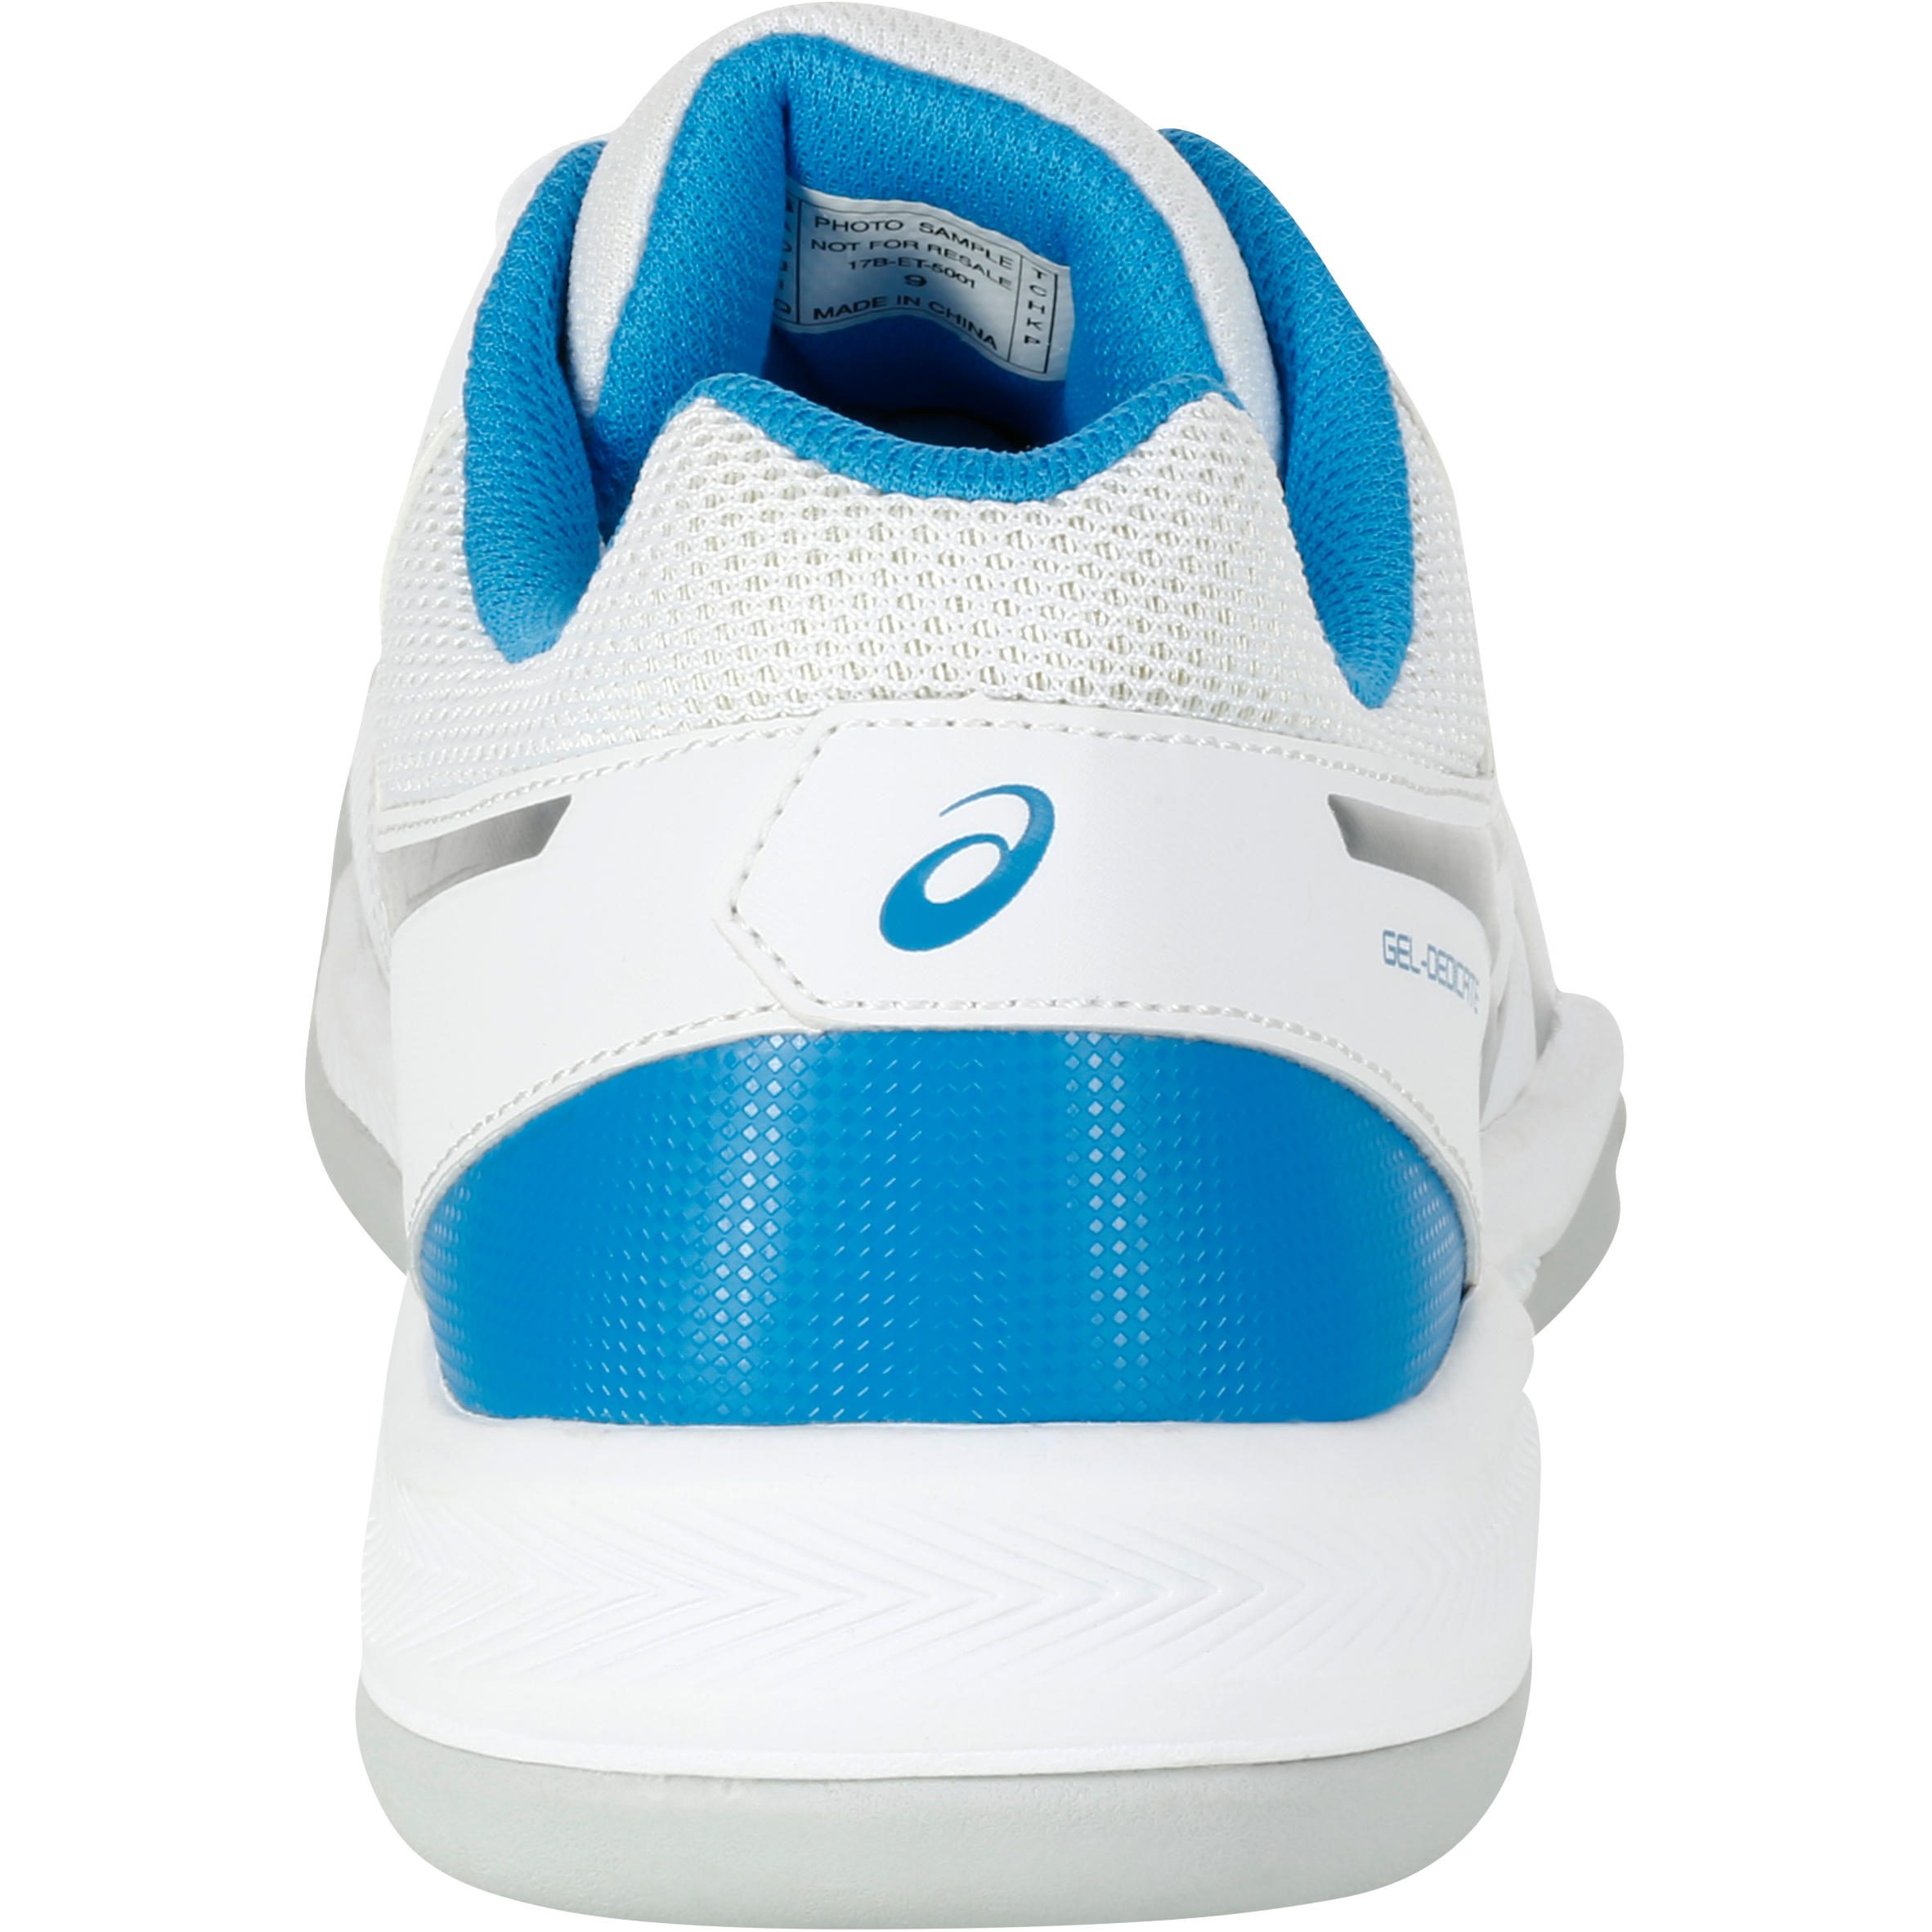 Asics Heren tennisschoenen Gel Dedicate voor tapijt online kopen